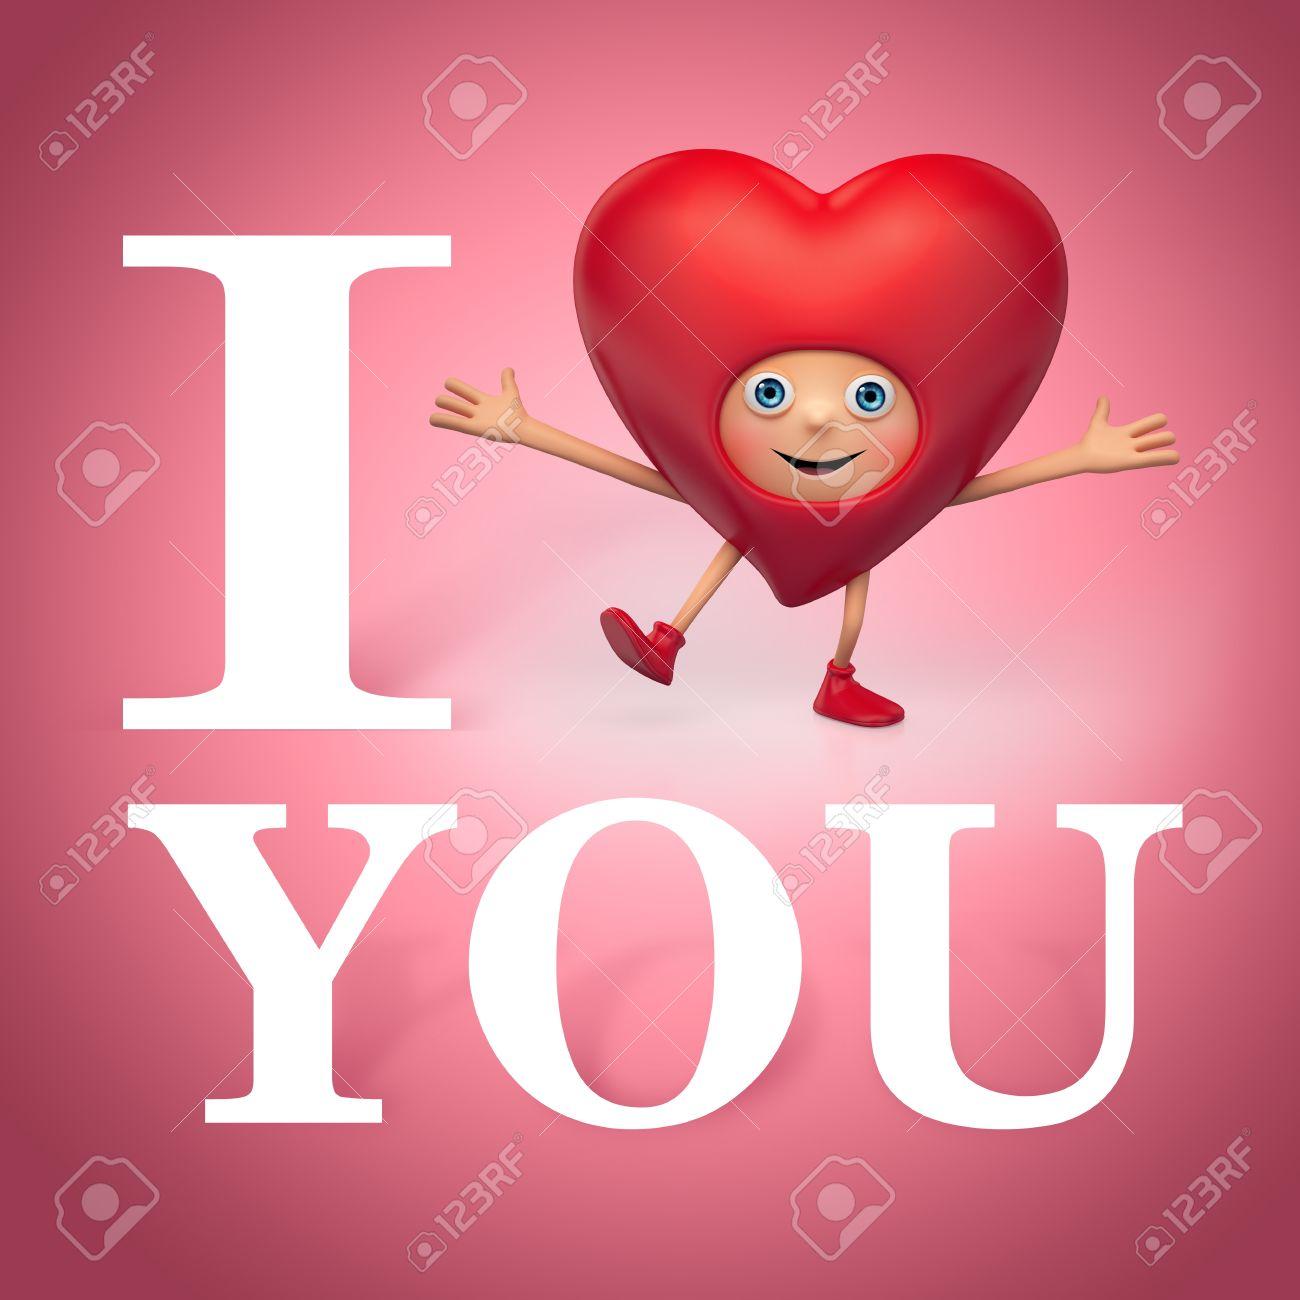 Ich liebe und vermisse dich brief